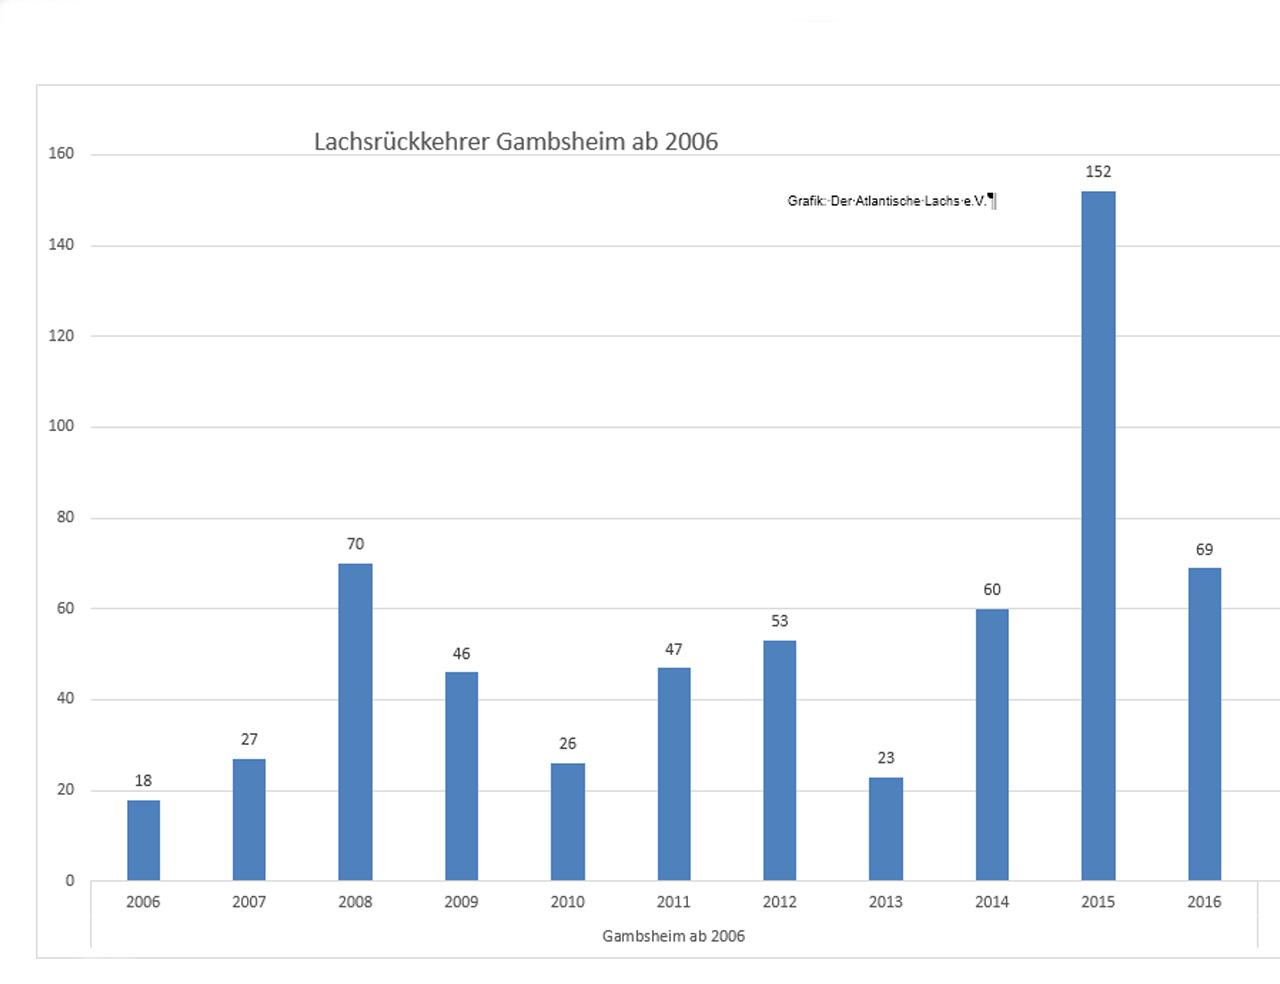 Grafik Rückkehrer Gambsheim seit 2006